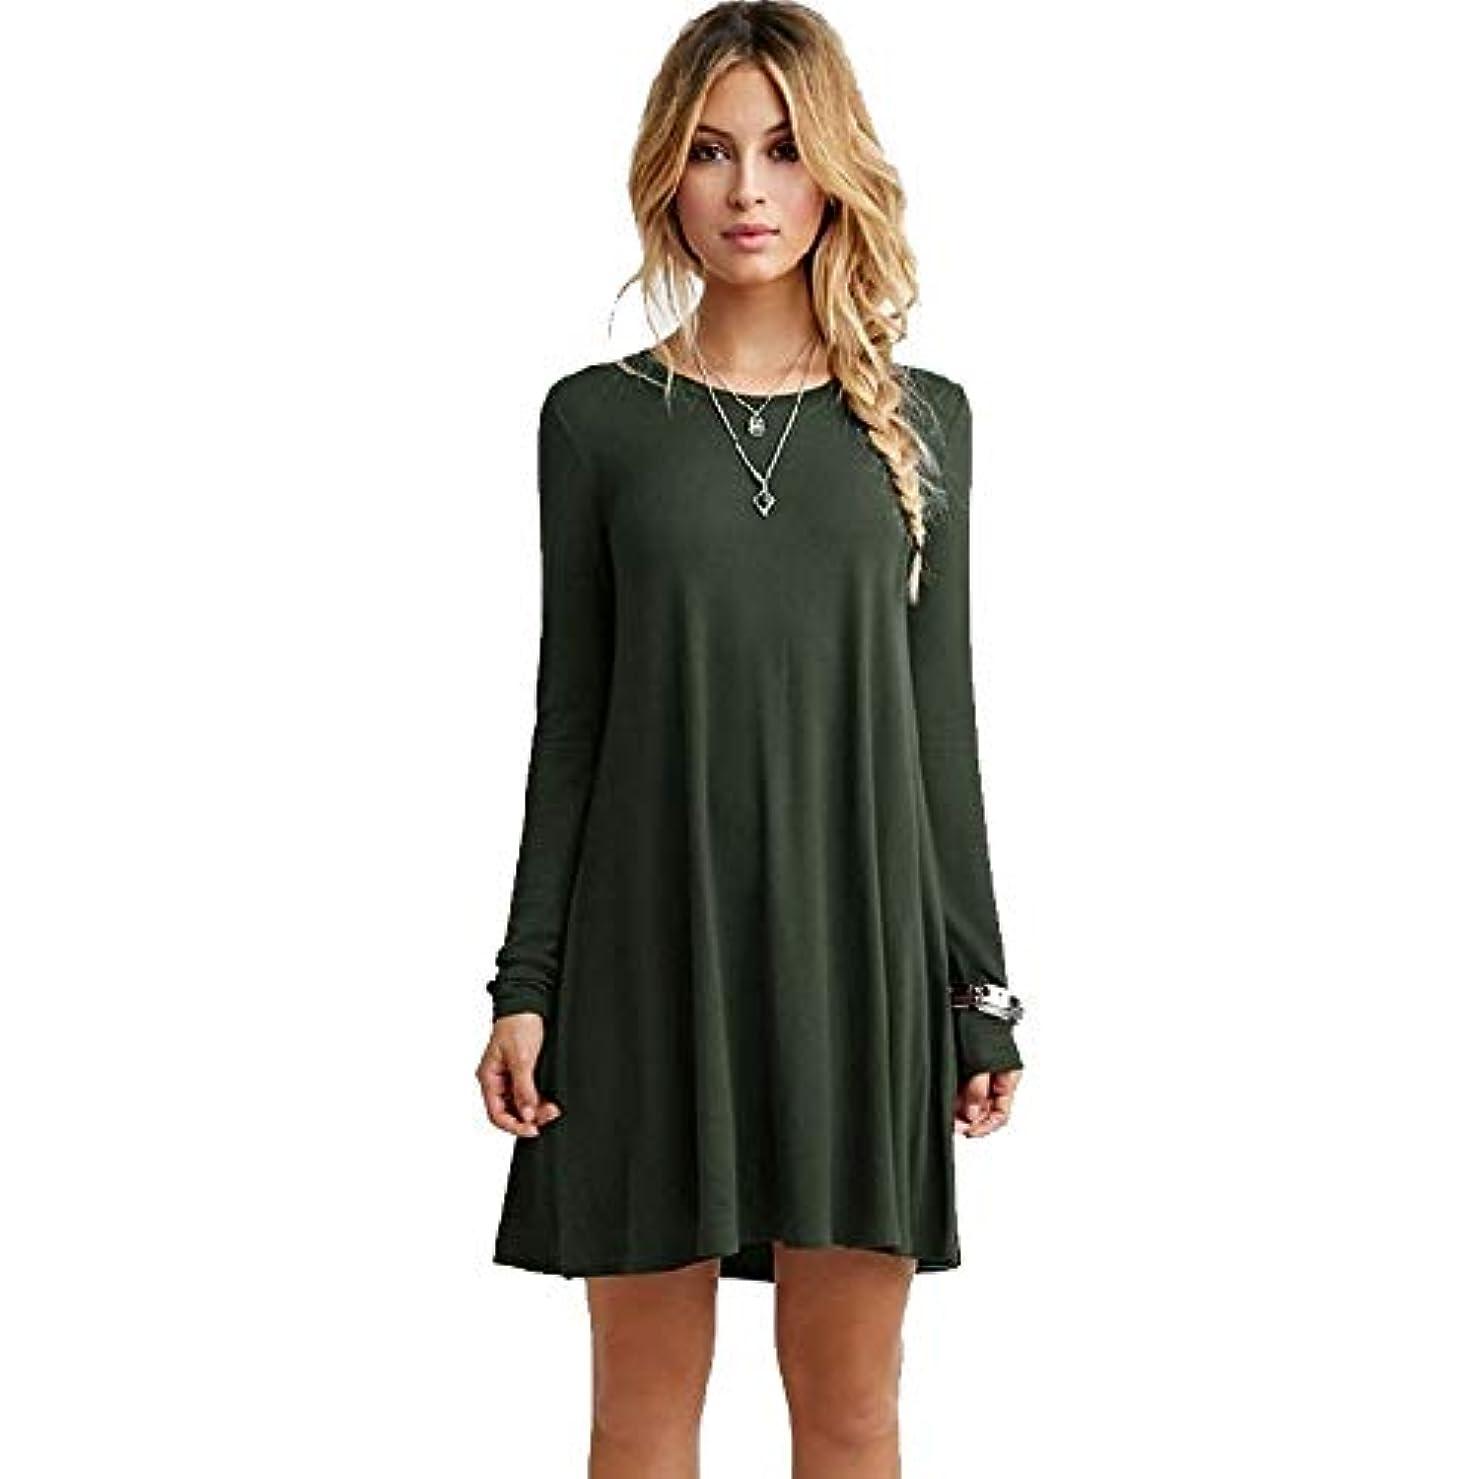 ジェームズダイソン隔離近代化MIFANルースドレス、プラスサイズのドレス、長袖のドレス、女性のドレス、秋のドレス、マキシドレス、コットンドレス